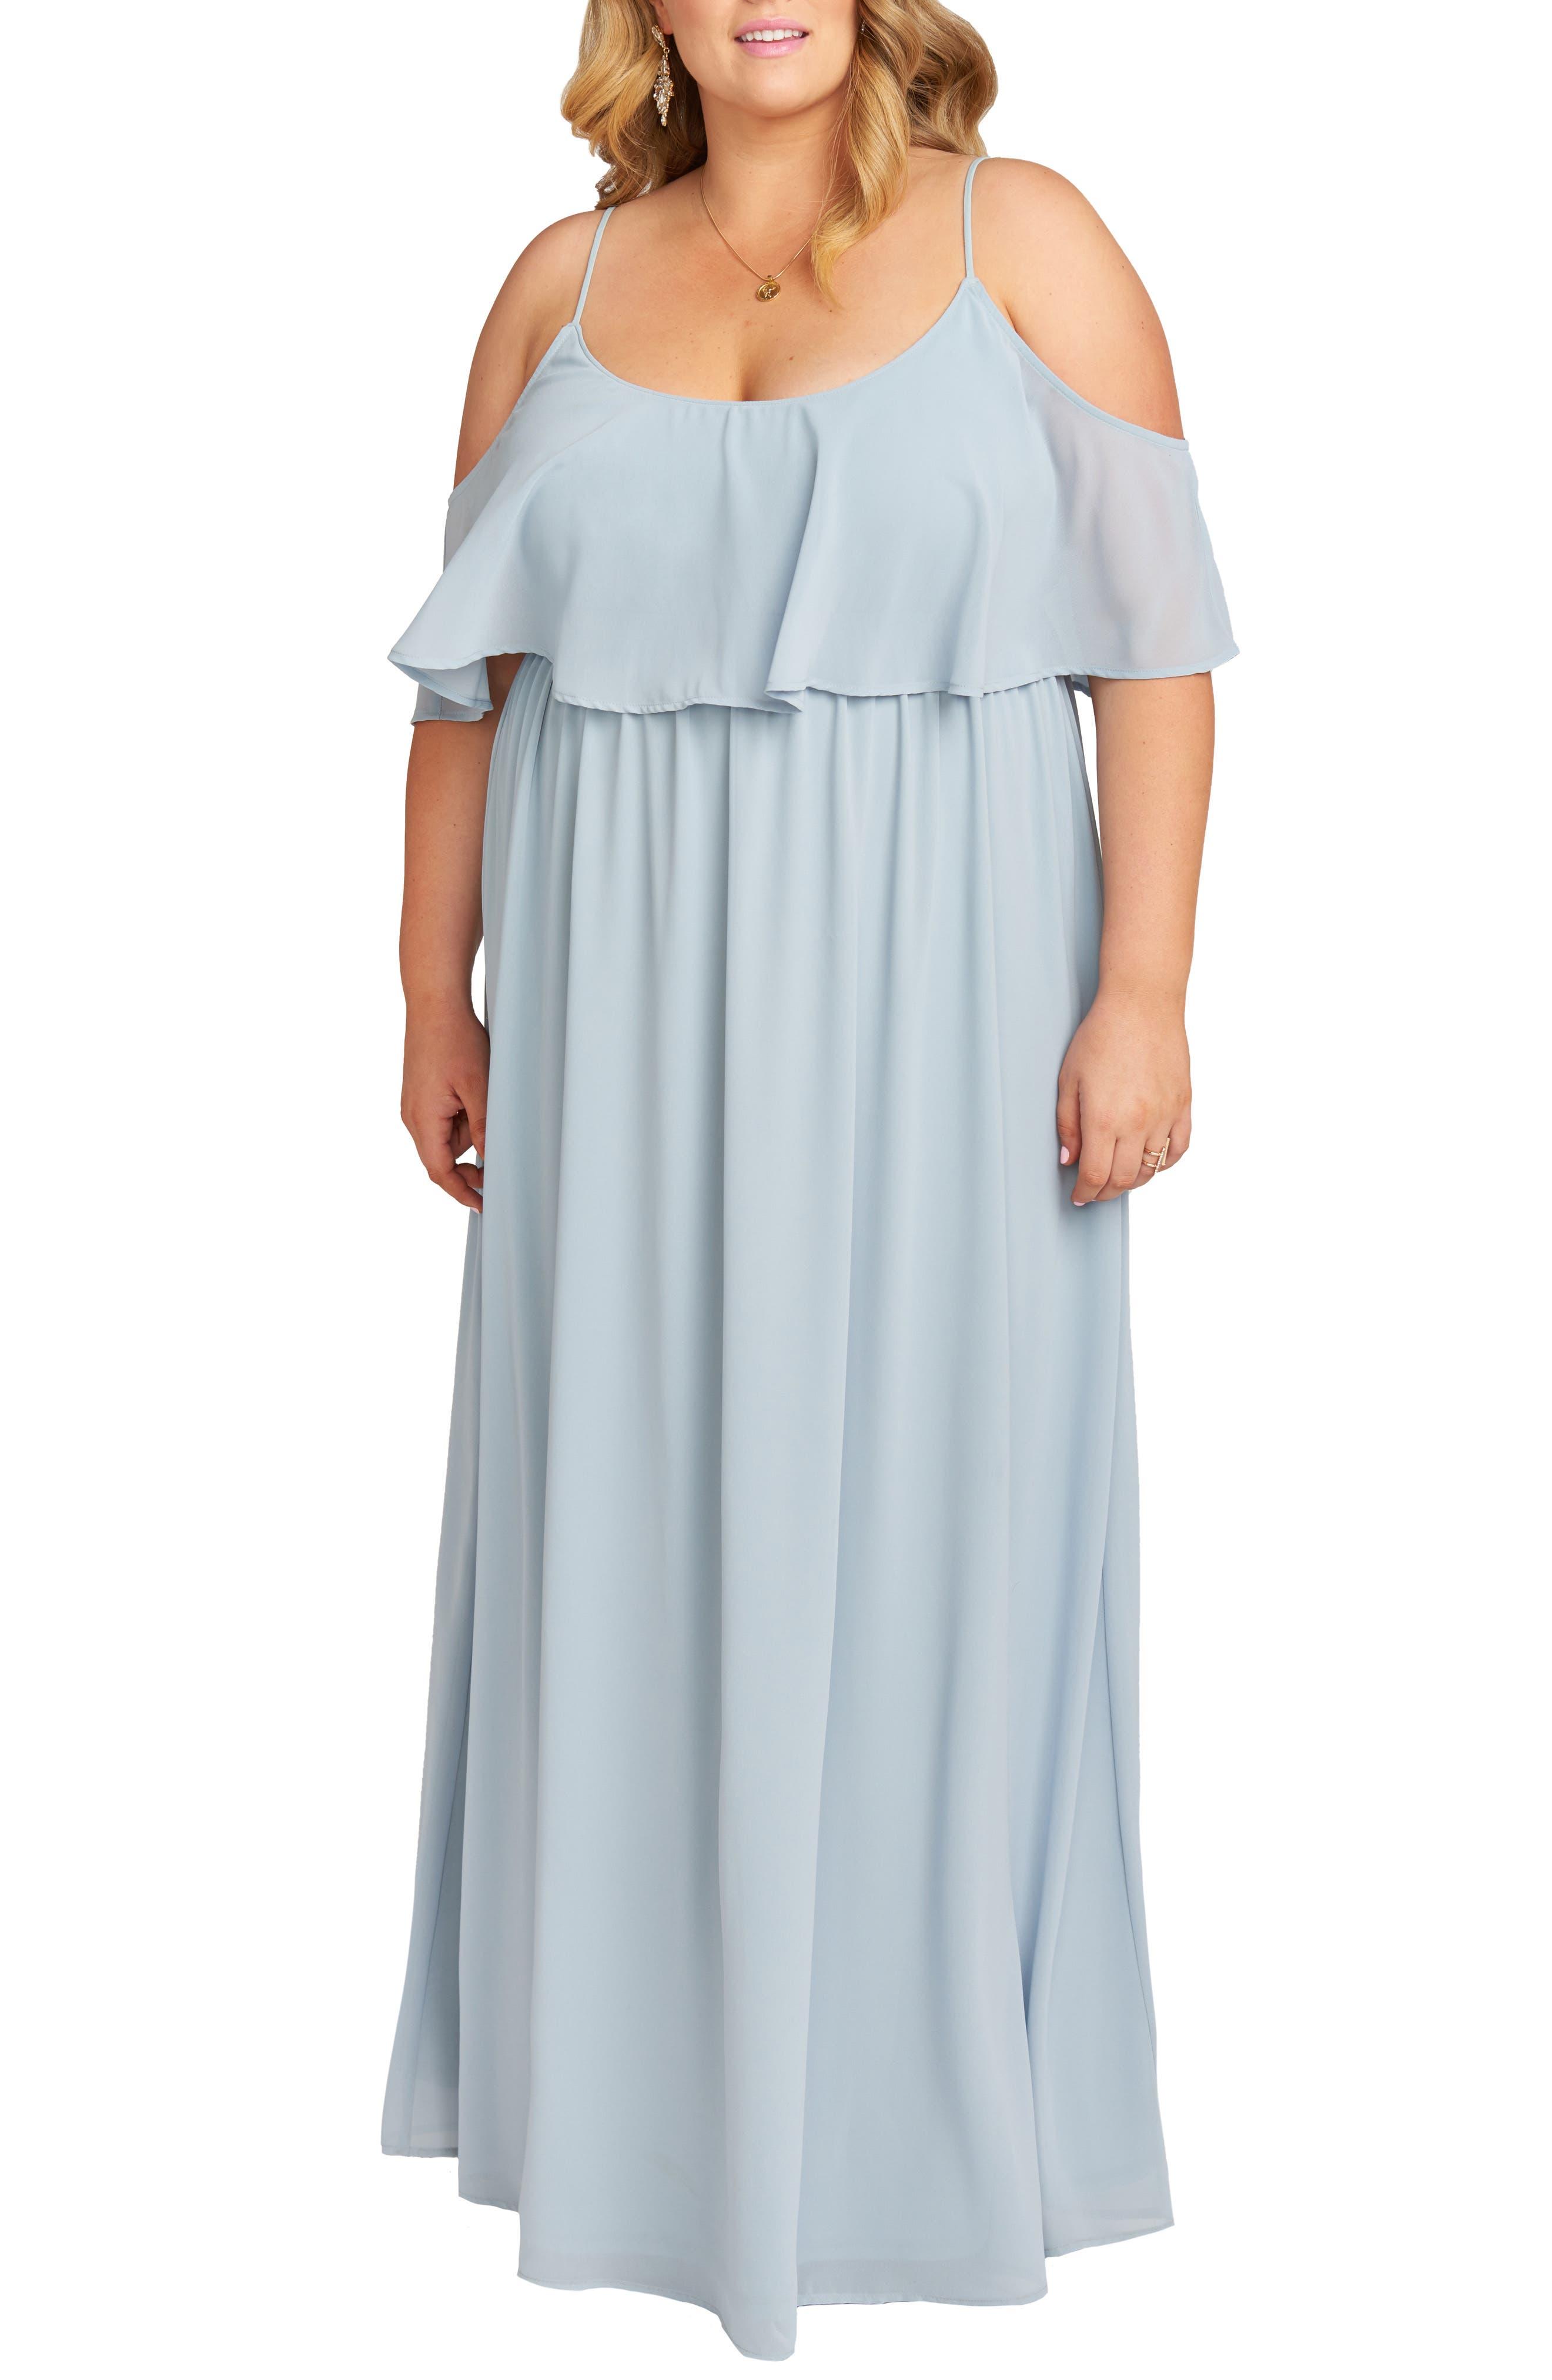 70s Dresses – Disco Dress, Hippie Dress, Wrap Dress Plus Size Womens Show Me Your Mumu Caitlin Ruffle Cold Shoulder Evening Dress Size 3X - Blue $178.00 AT vintagedancer.com